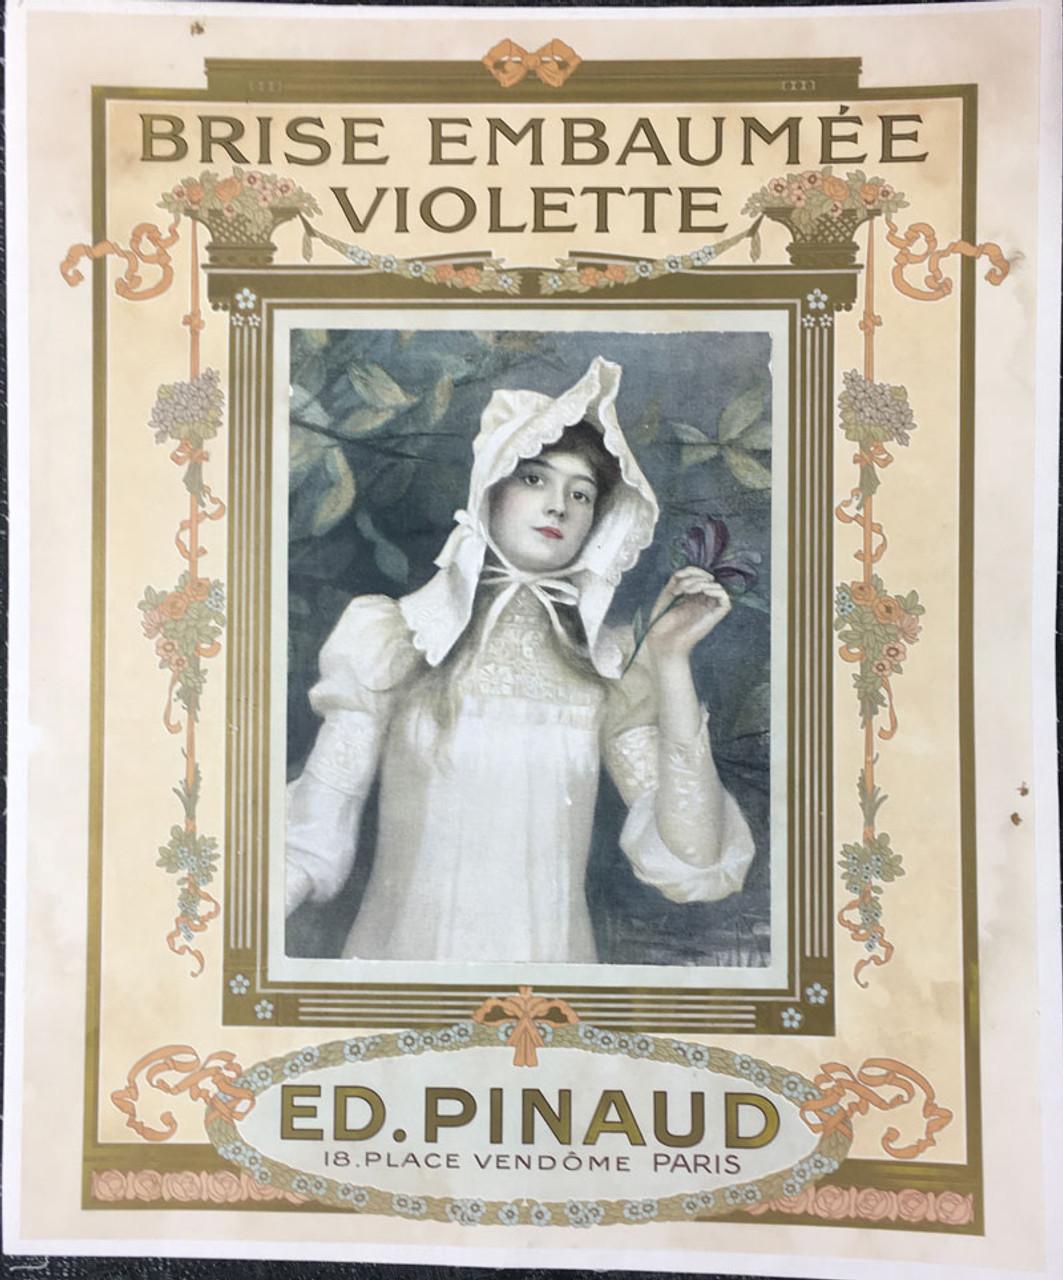 Ed. Pinaud Brise Embaumée Violette